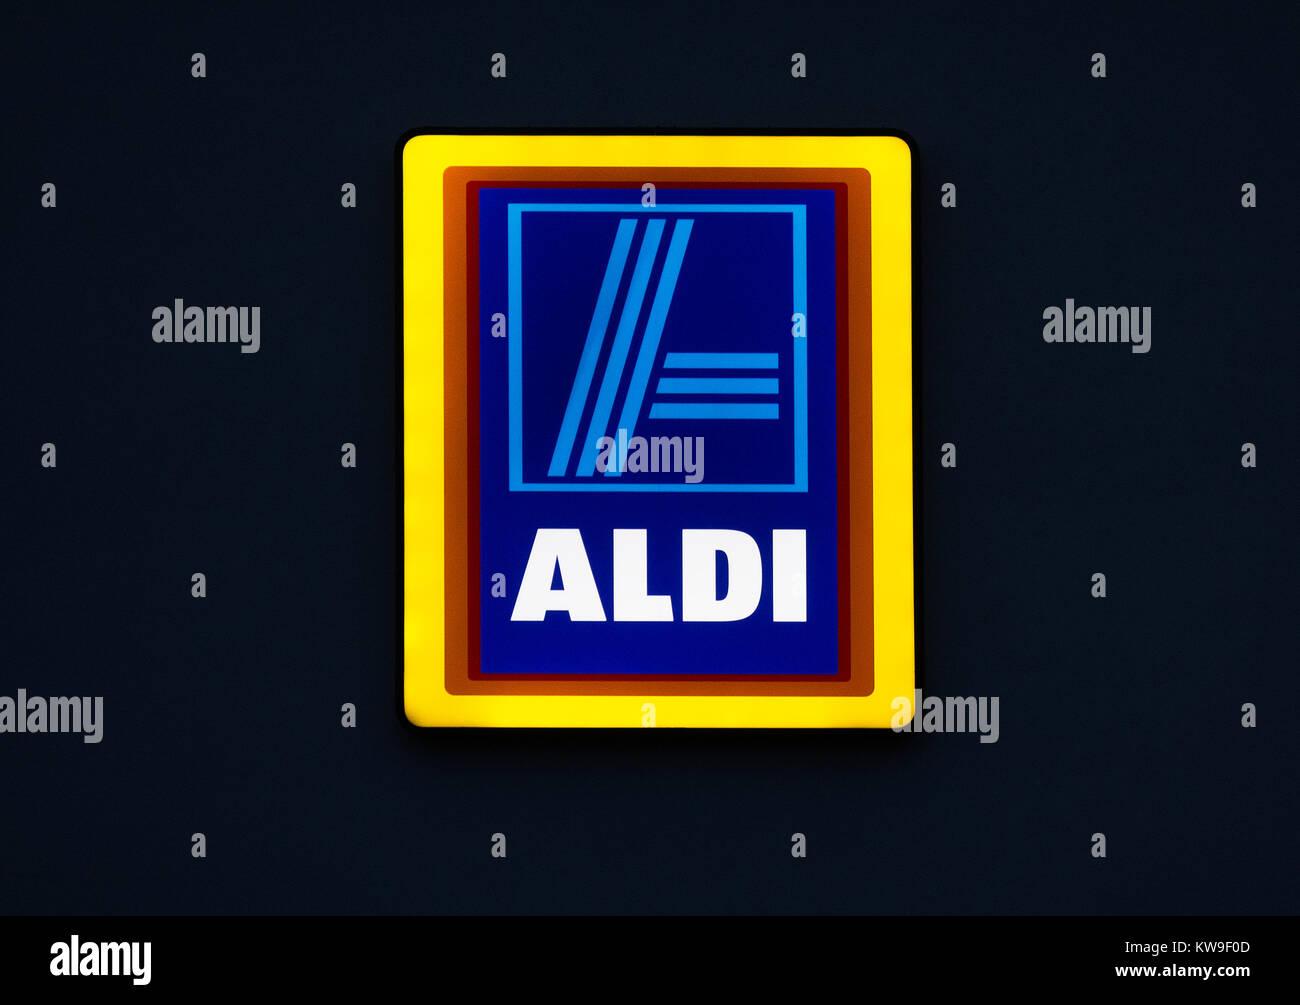 Aldi segno negozio logo azienda una luce al neon Immagini Stock